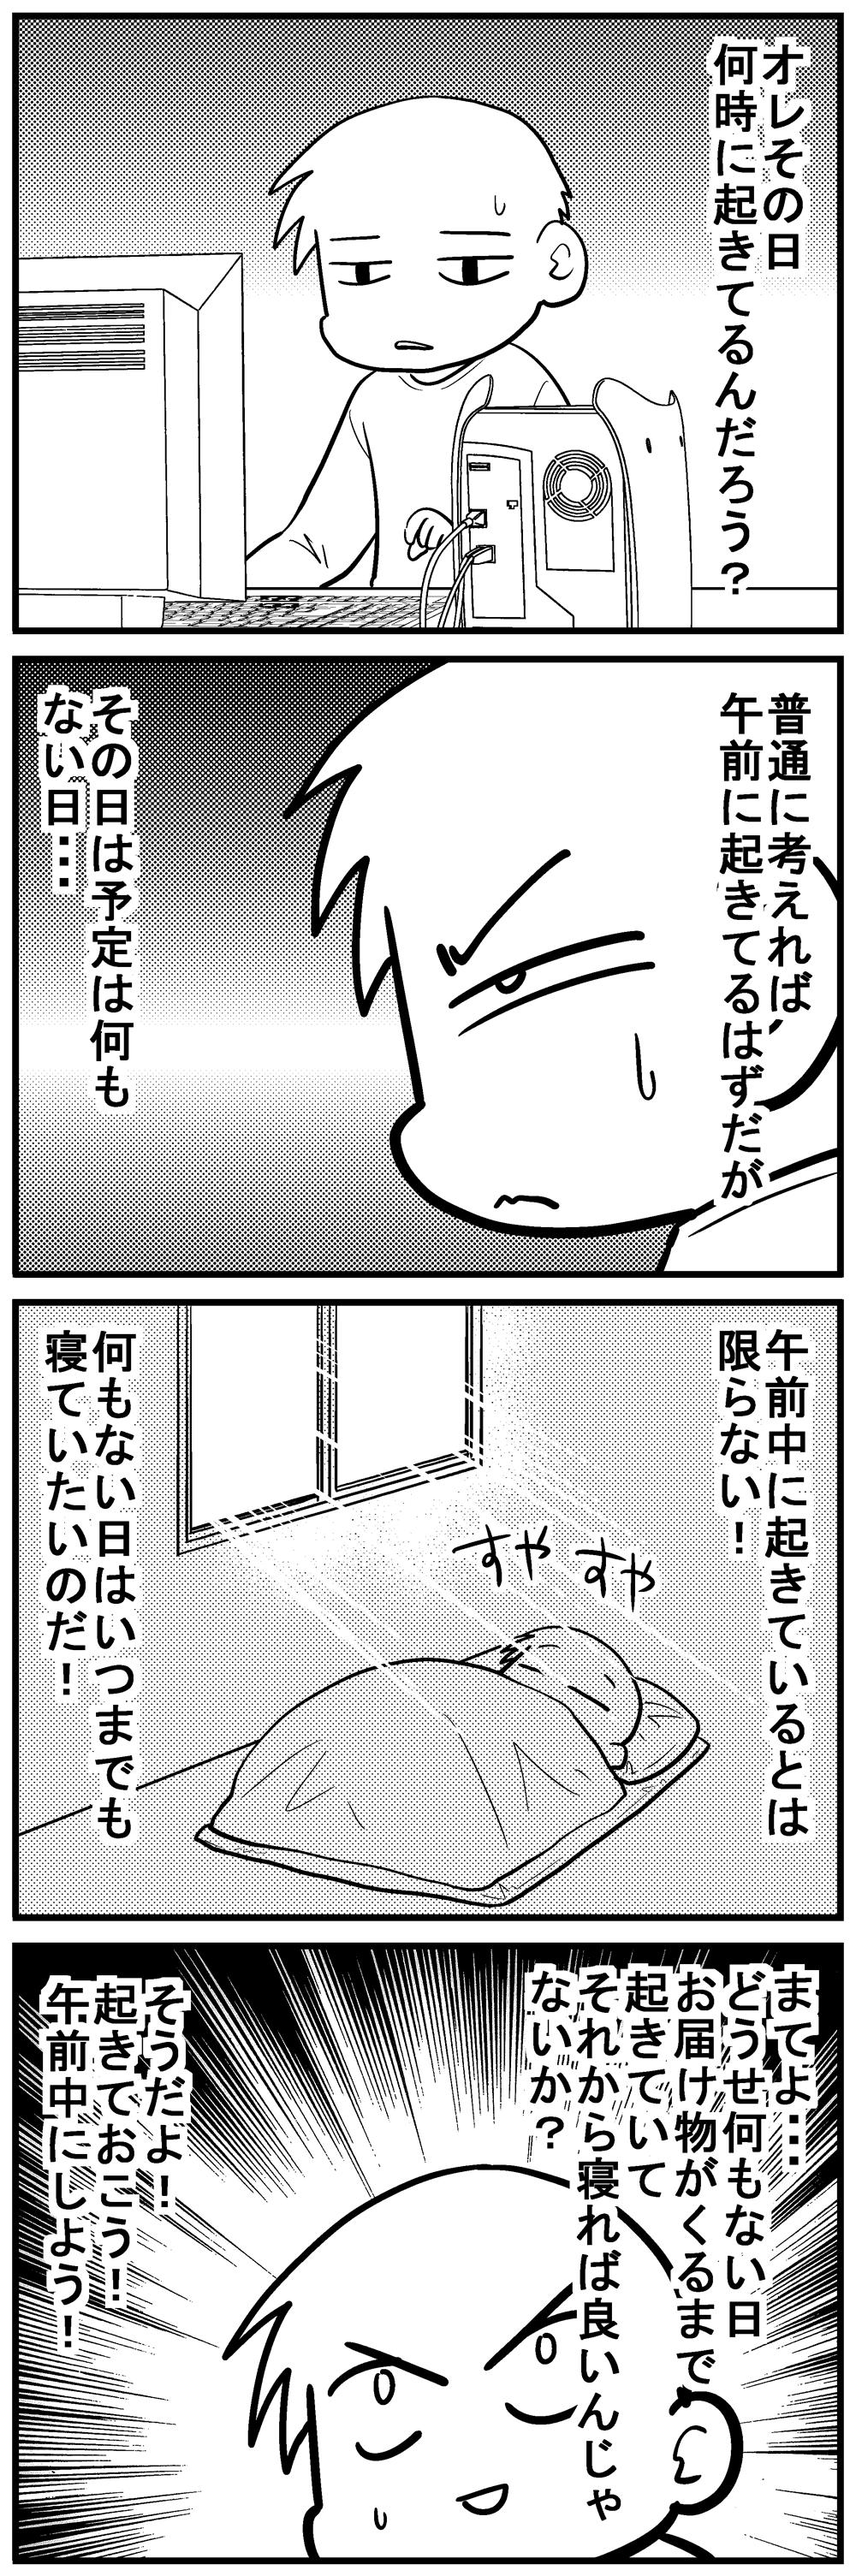 深読みくん128-2